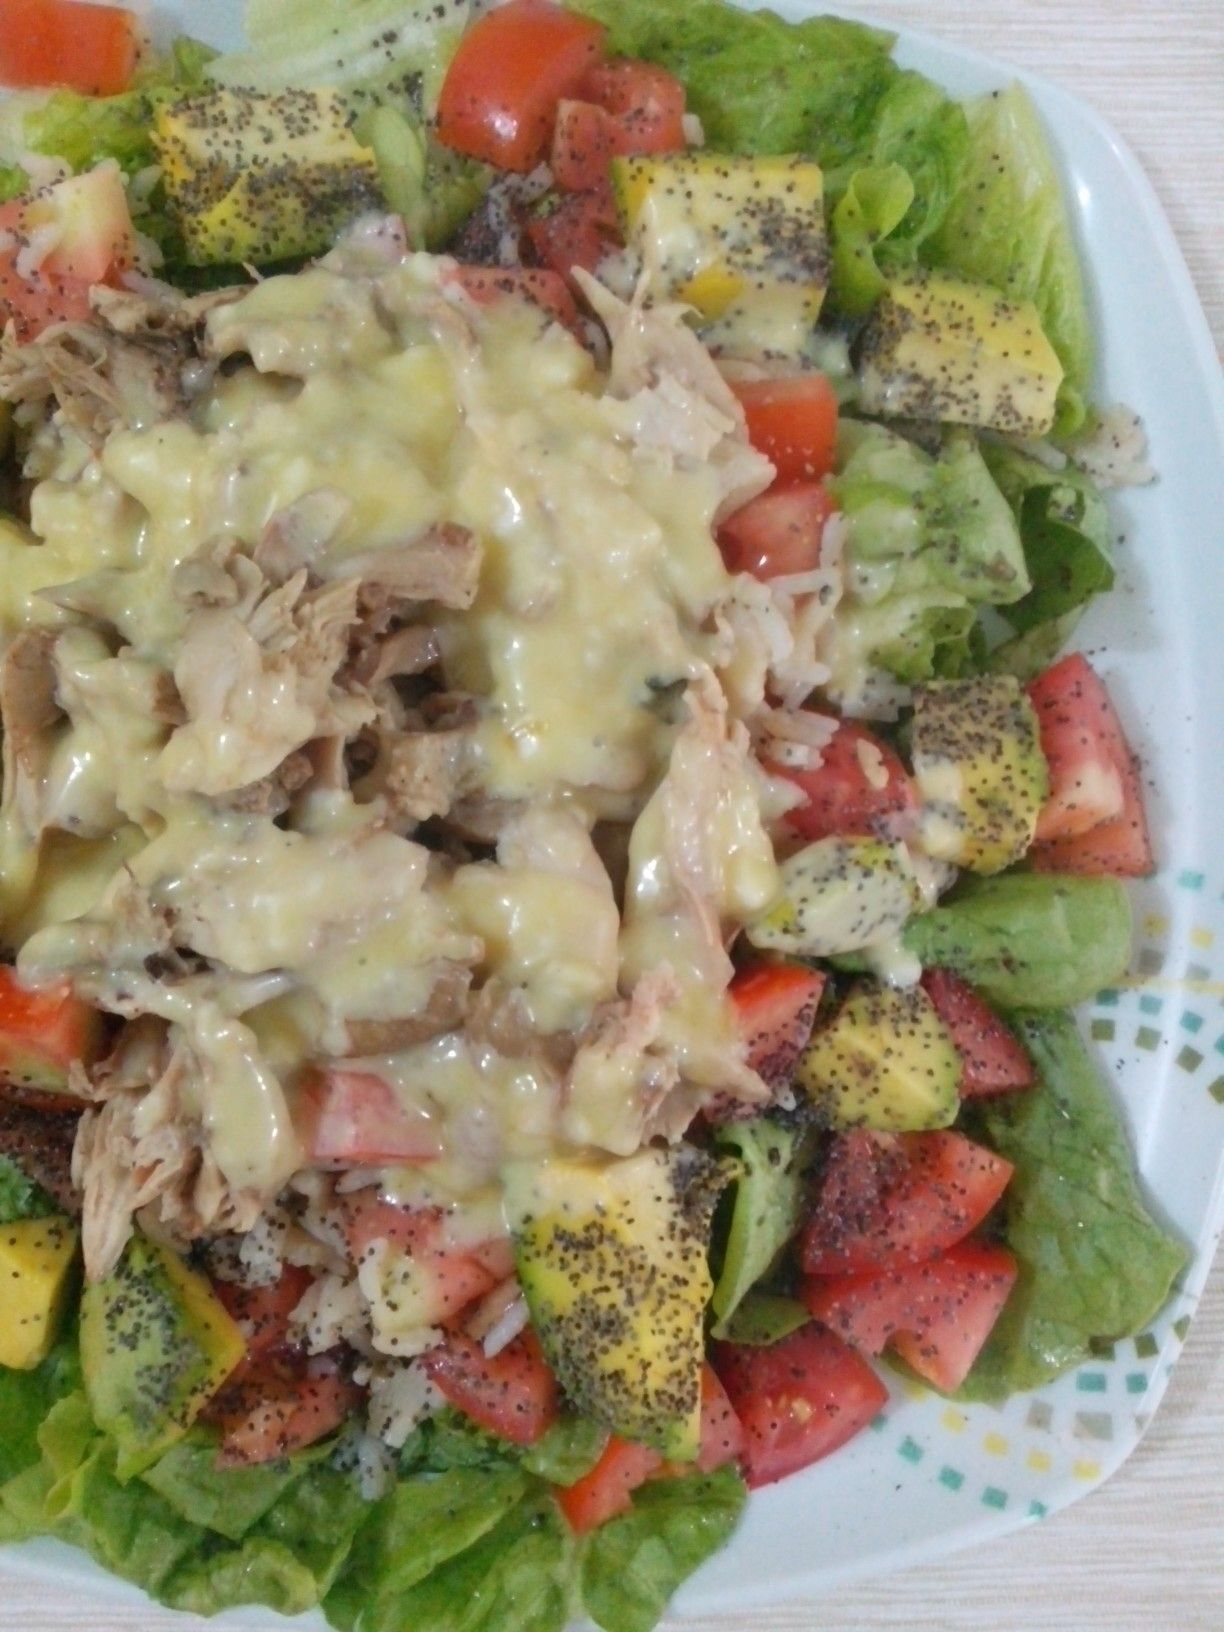 Ensalada con lechuga, tomate, aguacate y arroz, pollo caliente guisado y una mayonesa casera de reducción balsámica de Passión Fruit (parchita)